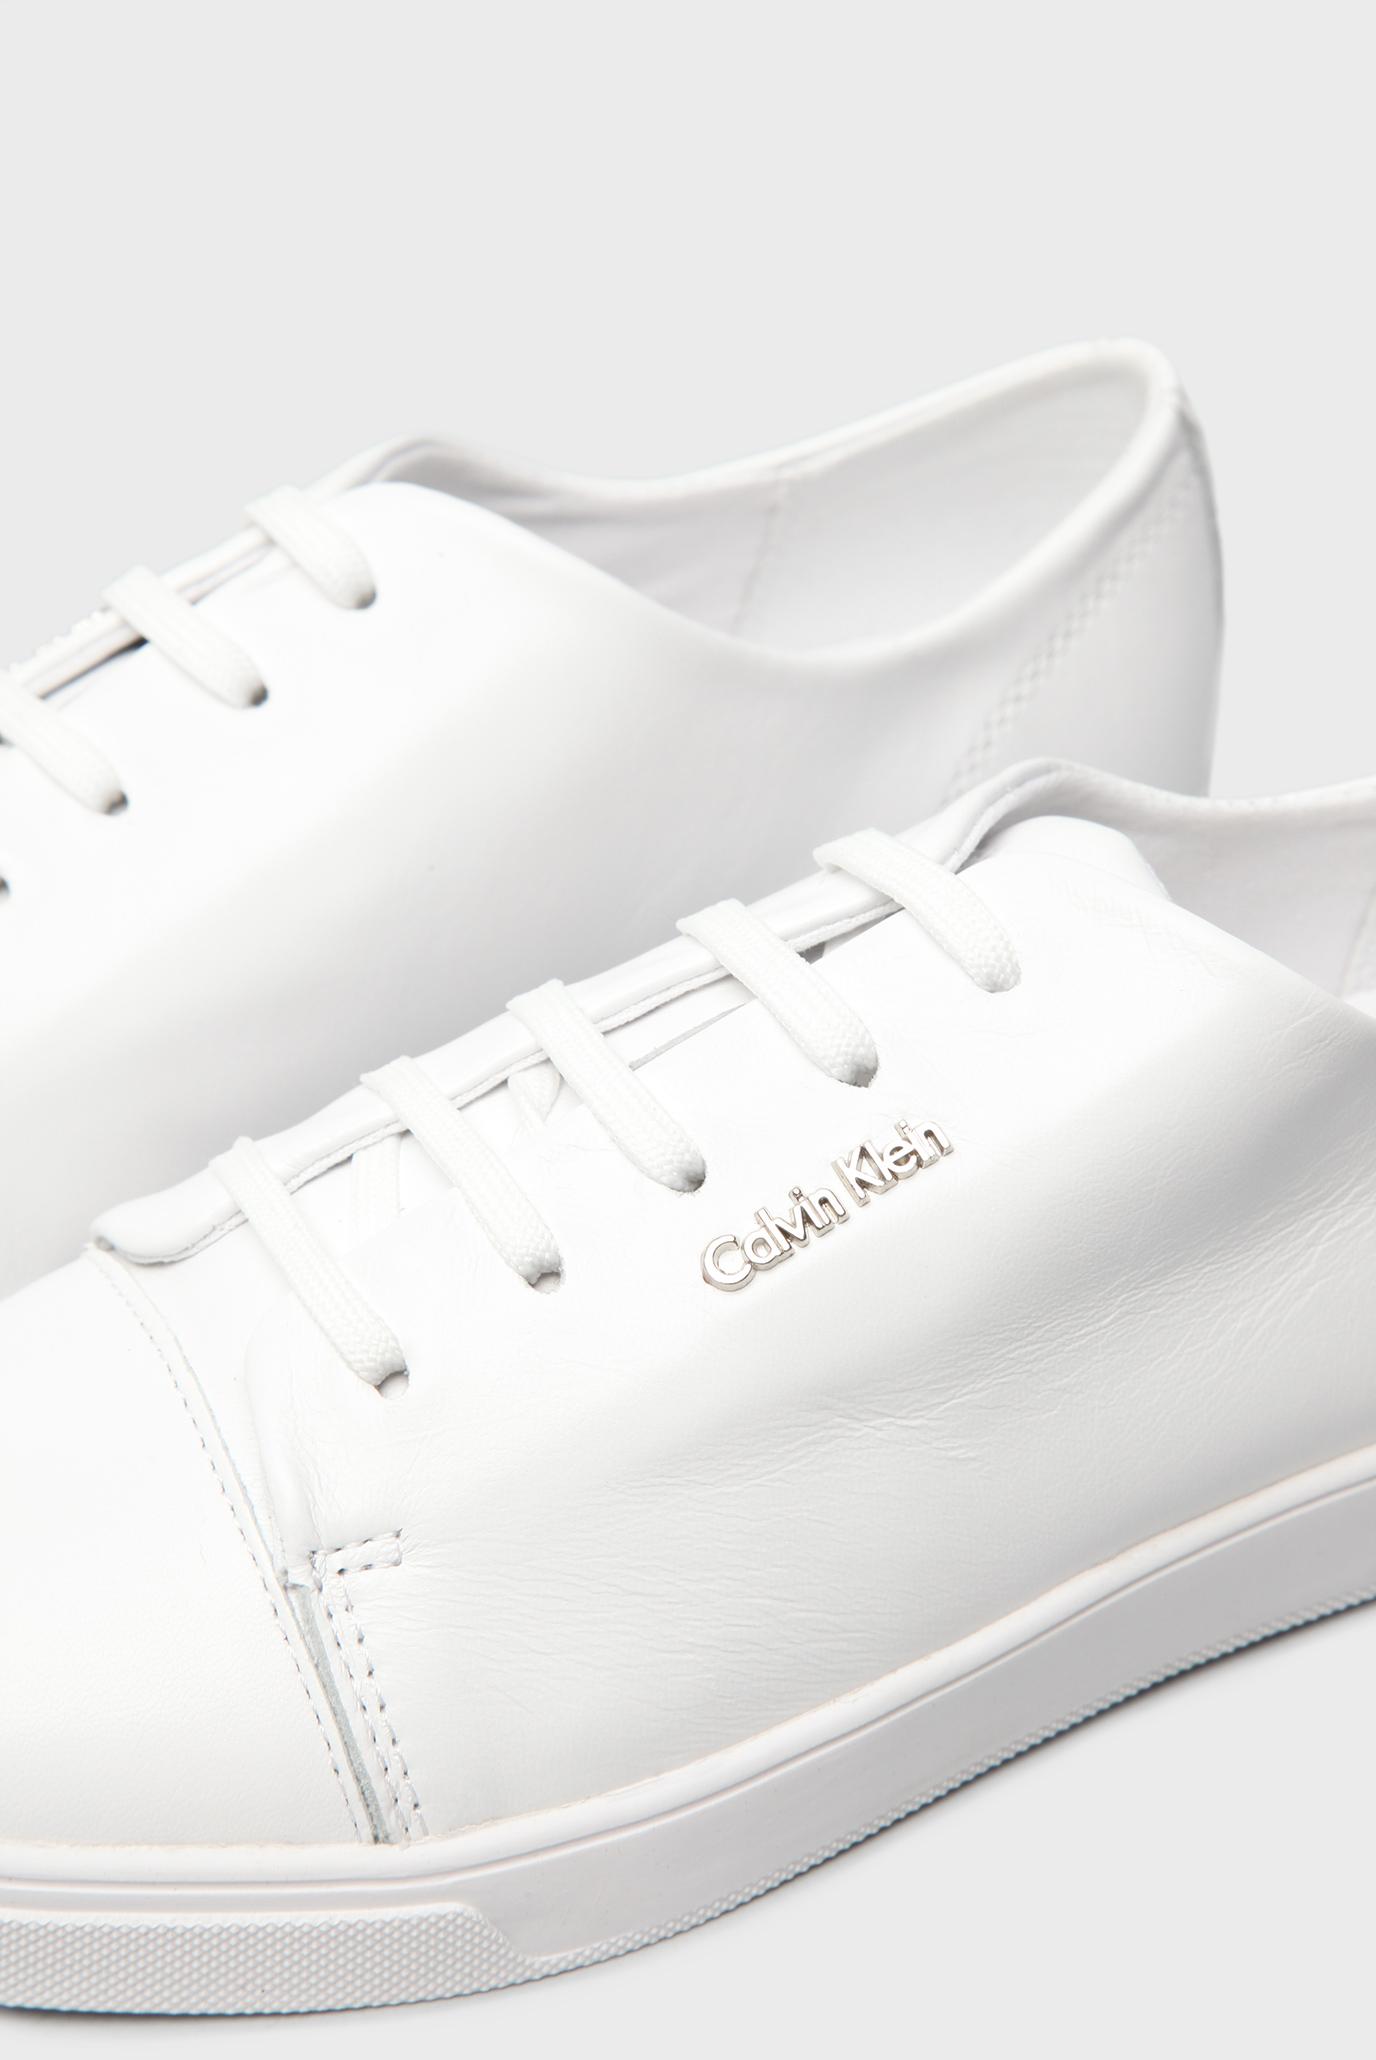 Купить Женские белые кожаные кроссовки Calvin Klein Calvin Klein N11899 –  Киев 9c41494858fe3